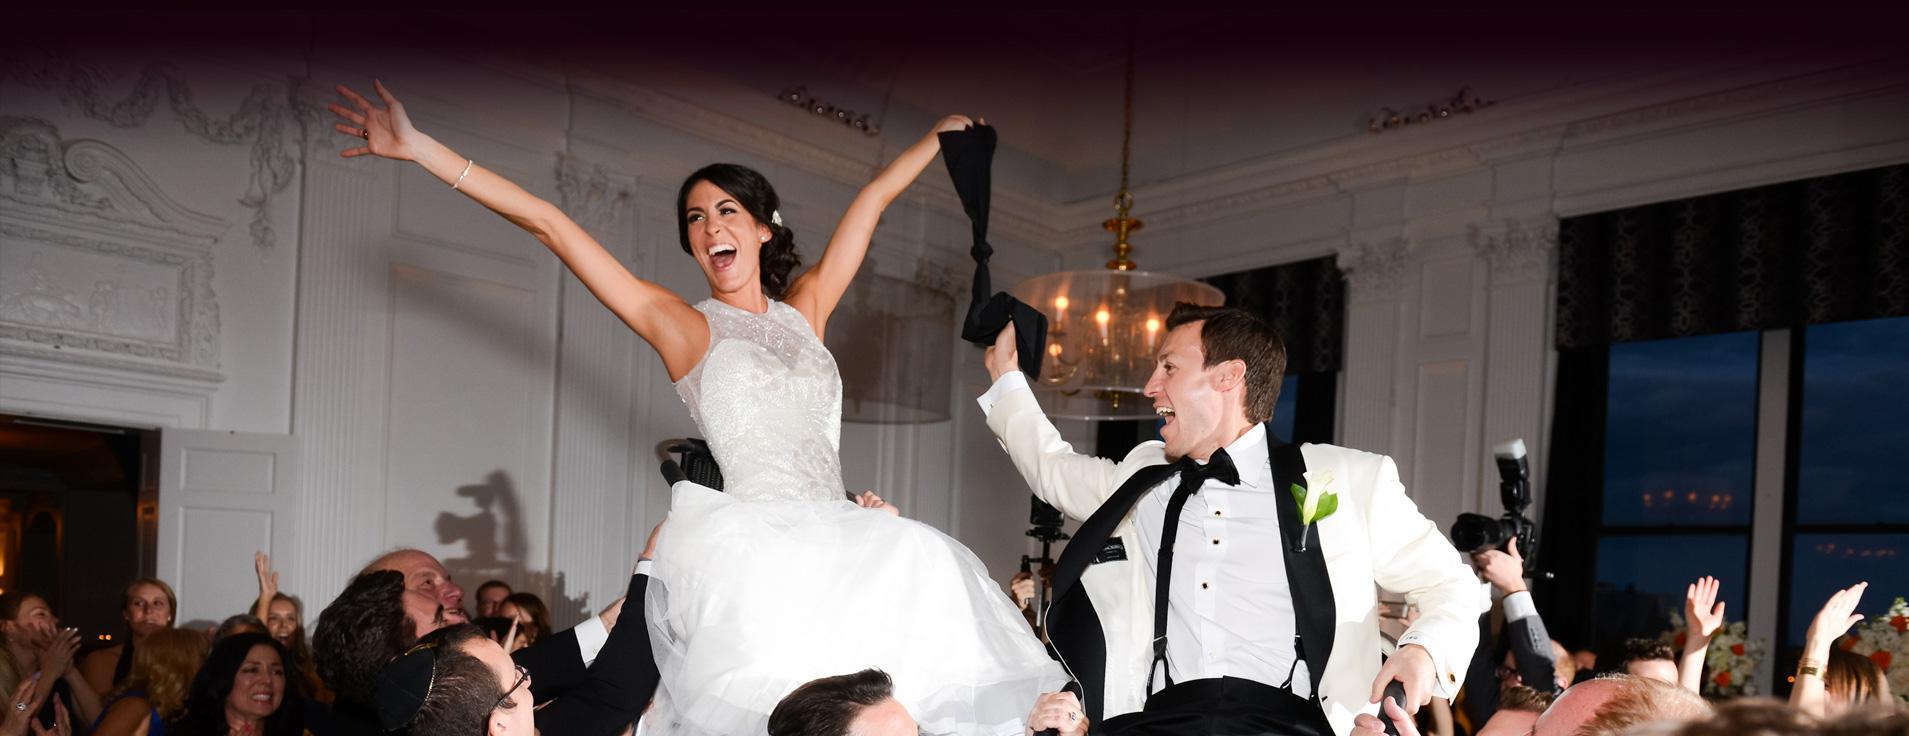 wedding-planner-philadelphia-slider-1a